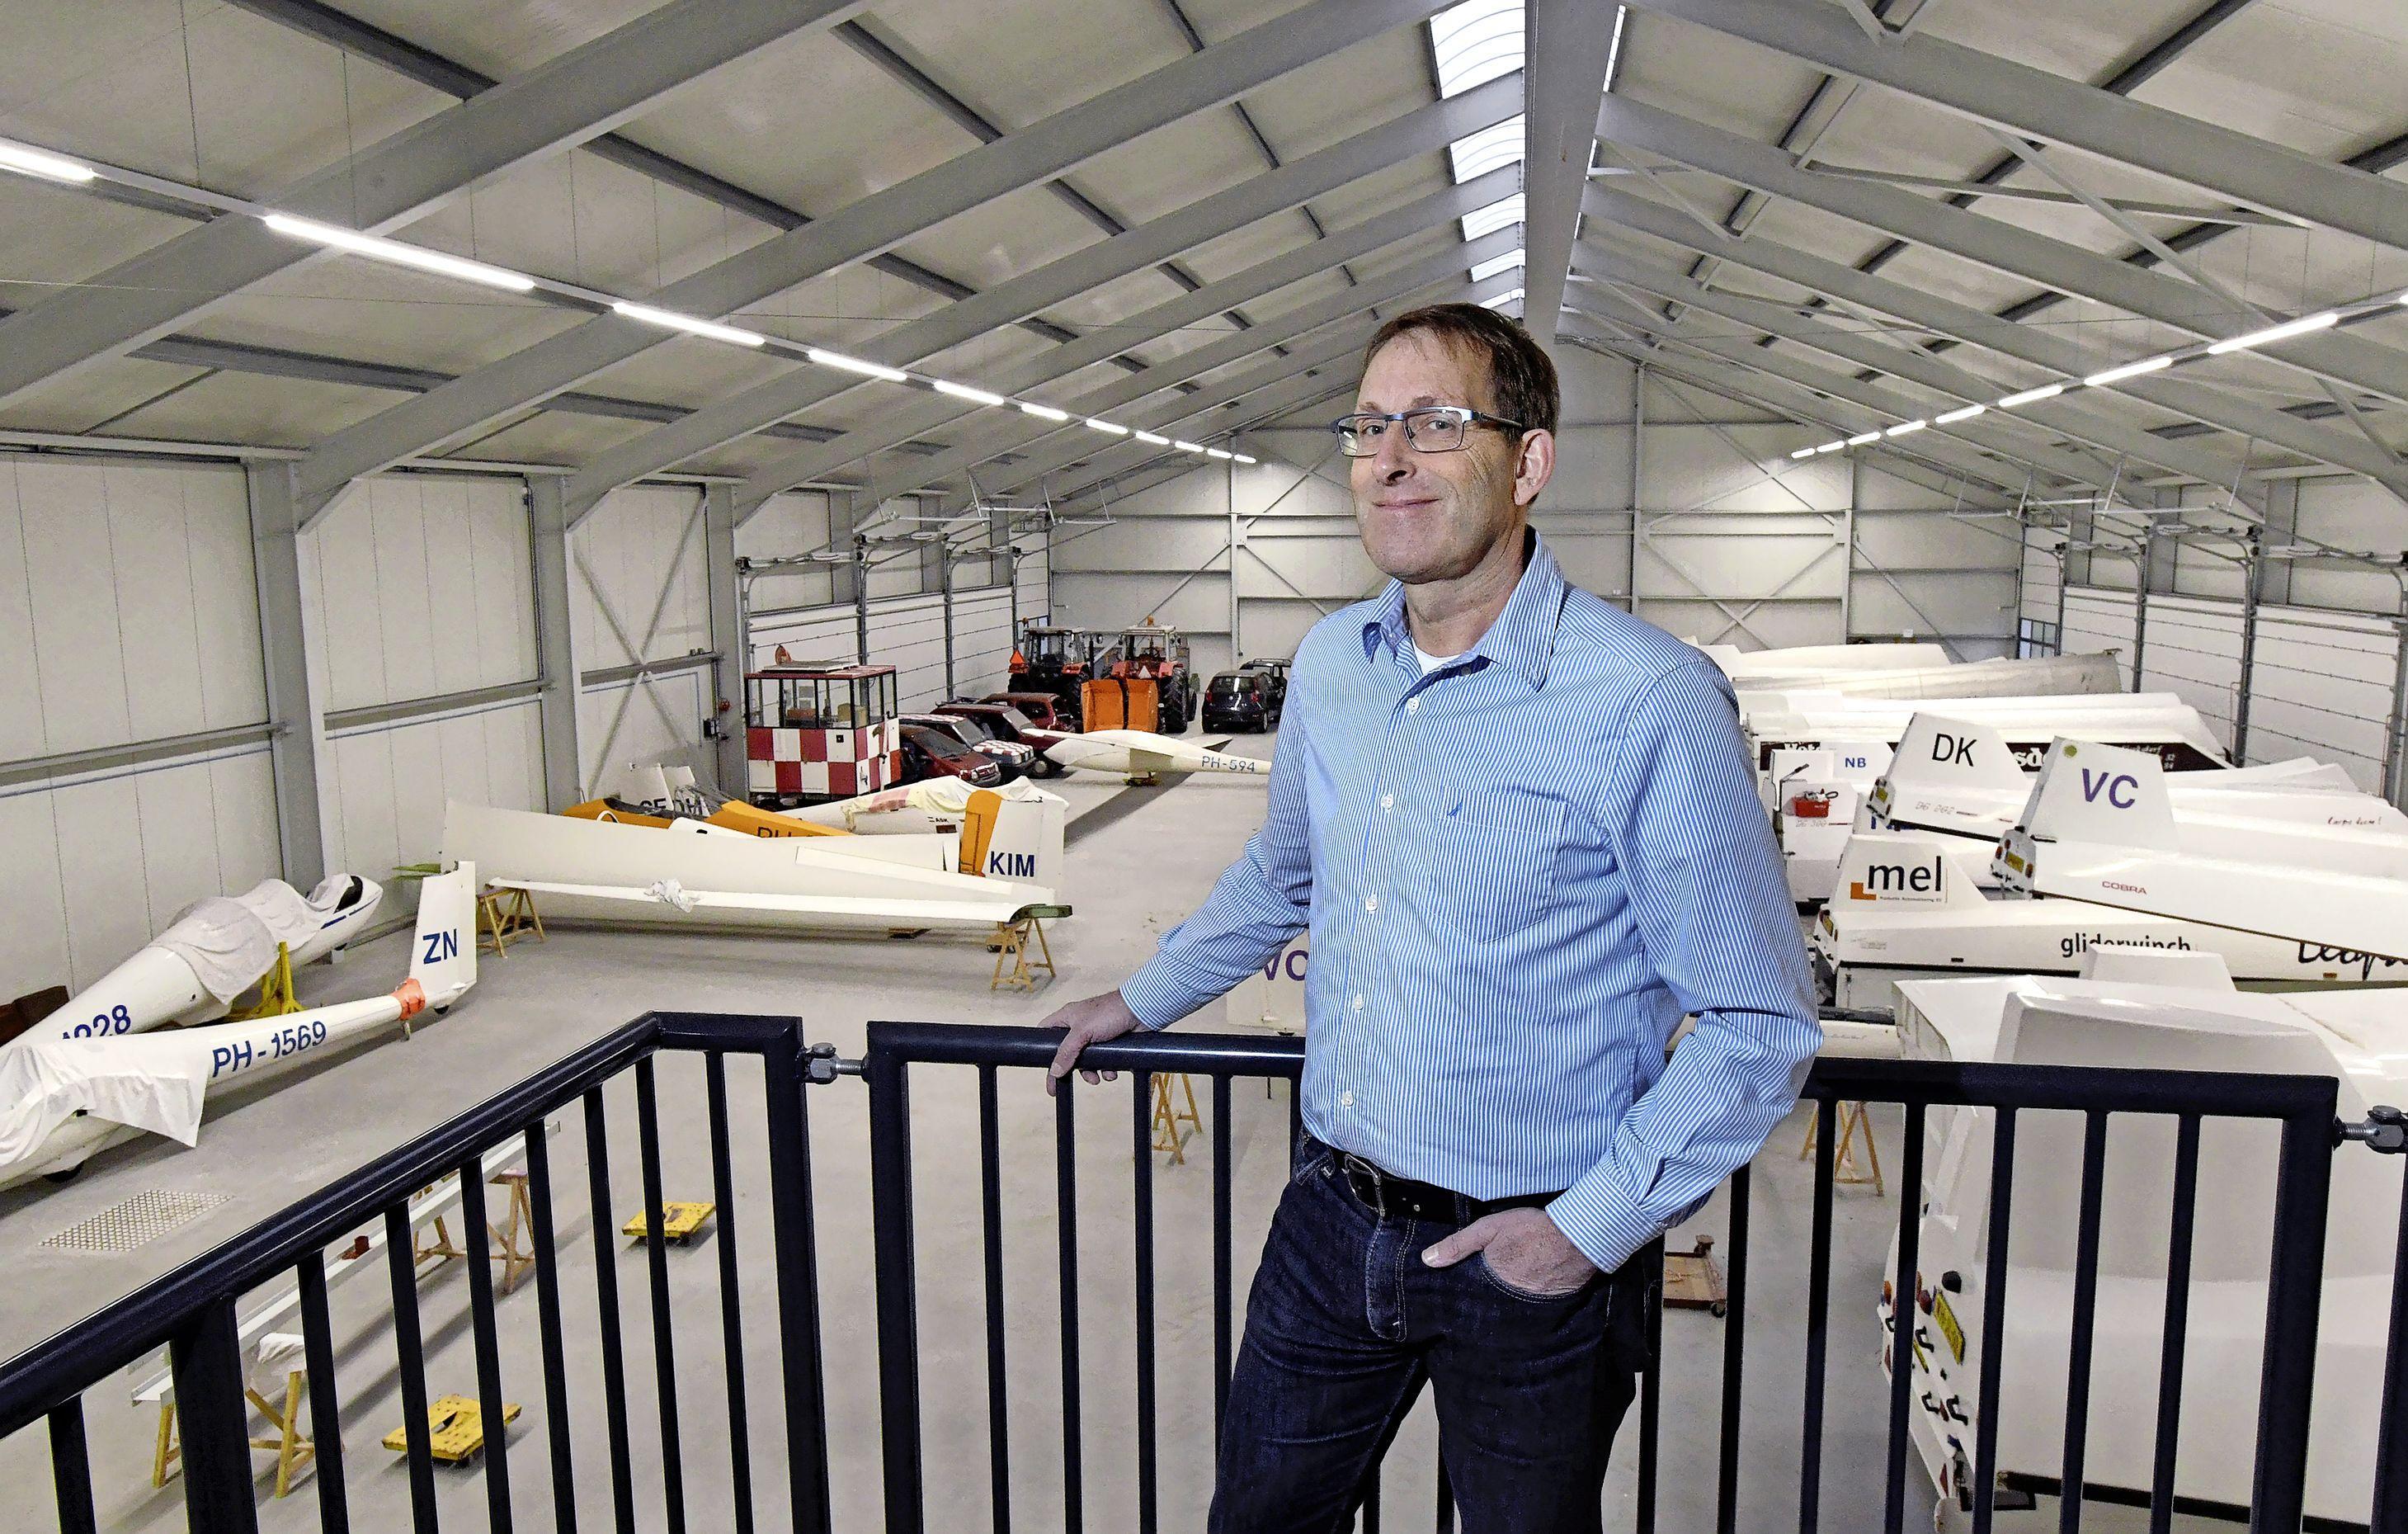 Omwonenden van zweefvliegcentrum in Slootdorp willen dat de rechter het vliegen met gemotoriseerde vliegtuigjes onmogelijk maakt. 'In stiltegebieden mag helemaal geen lawaai worden gemaakt'